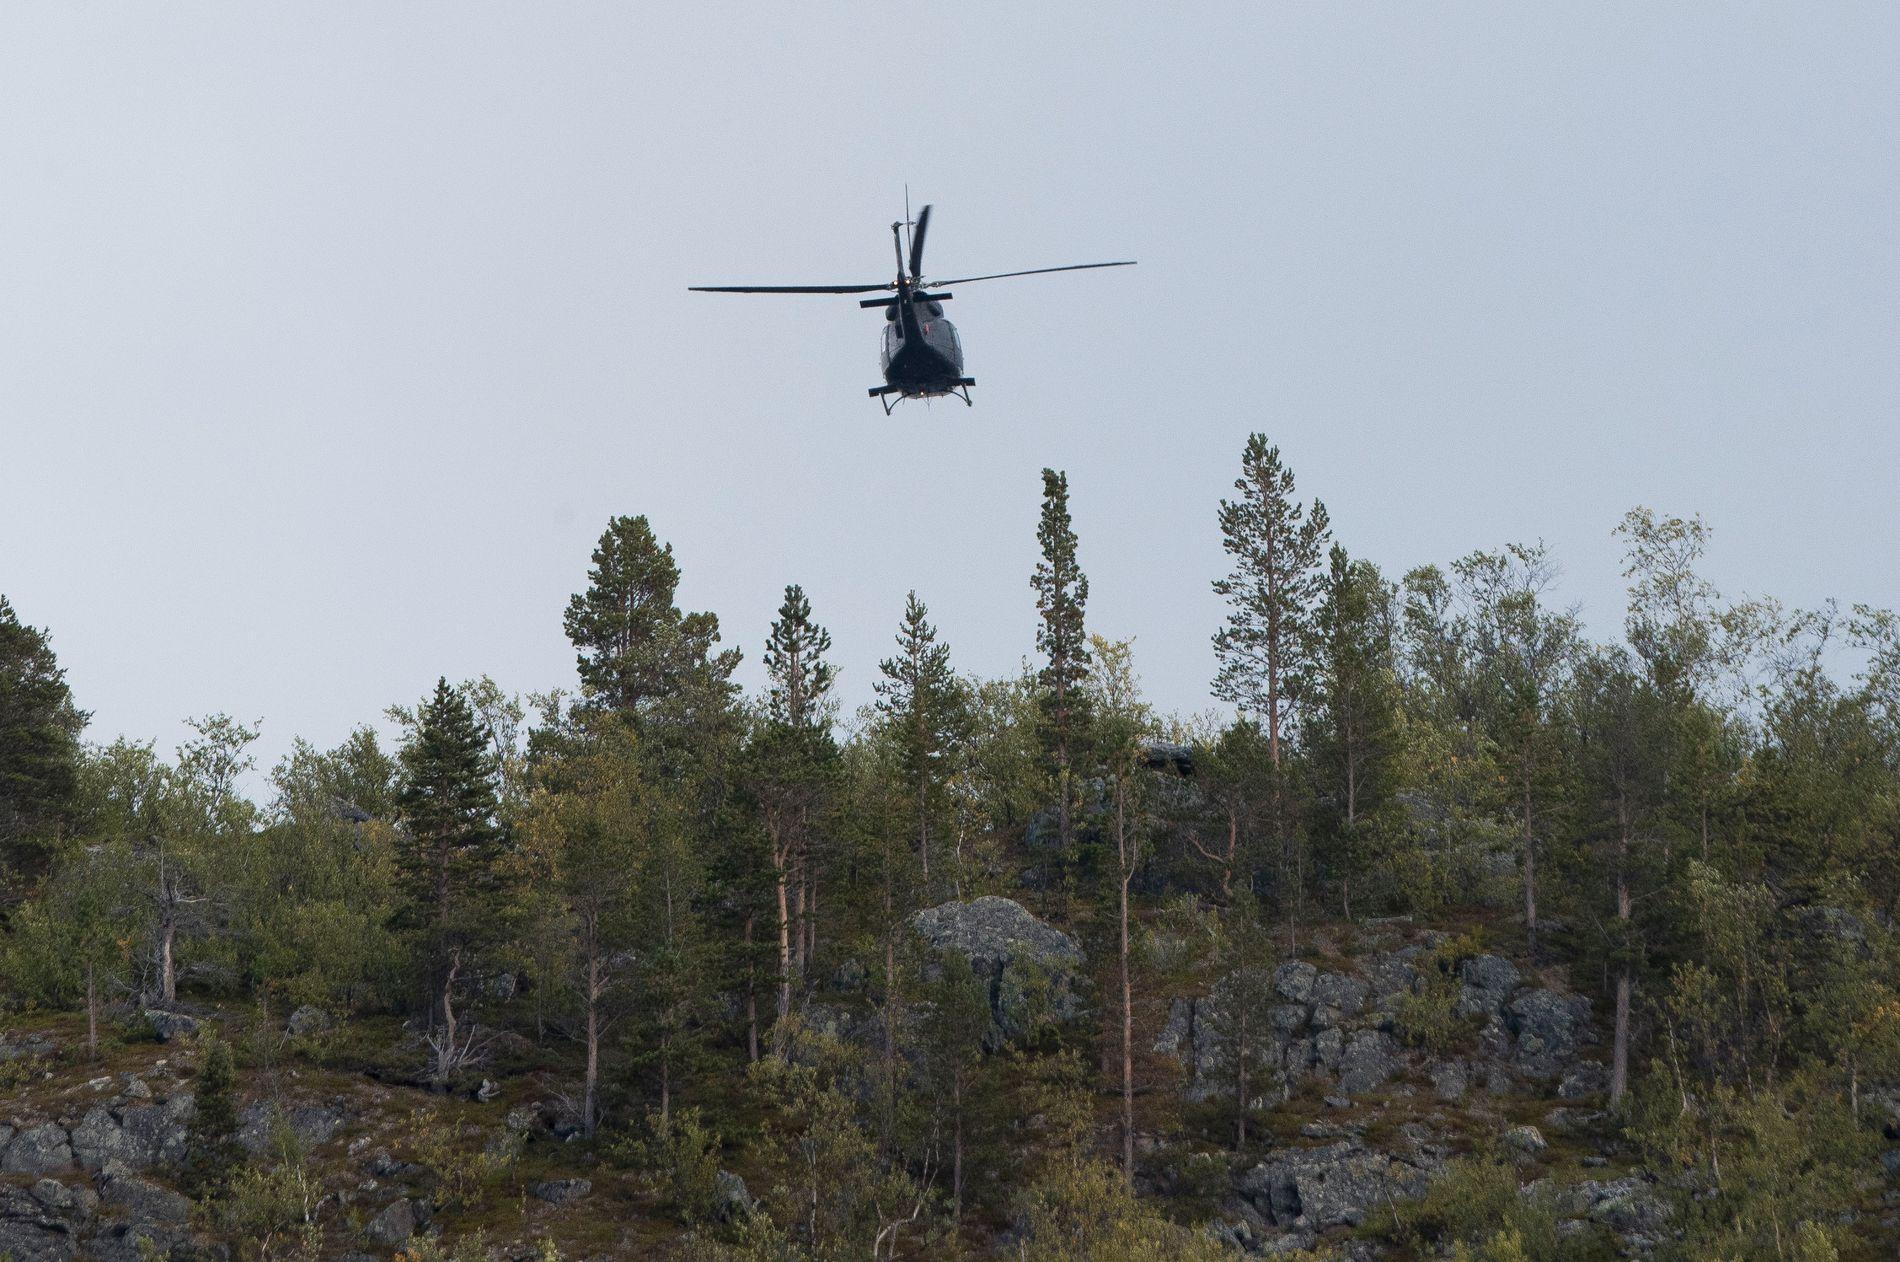 SEKS OMKOM: Forsvarets helikopter flyr over ulykkesområdet der seks personer omkom i en ulykke.